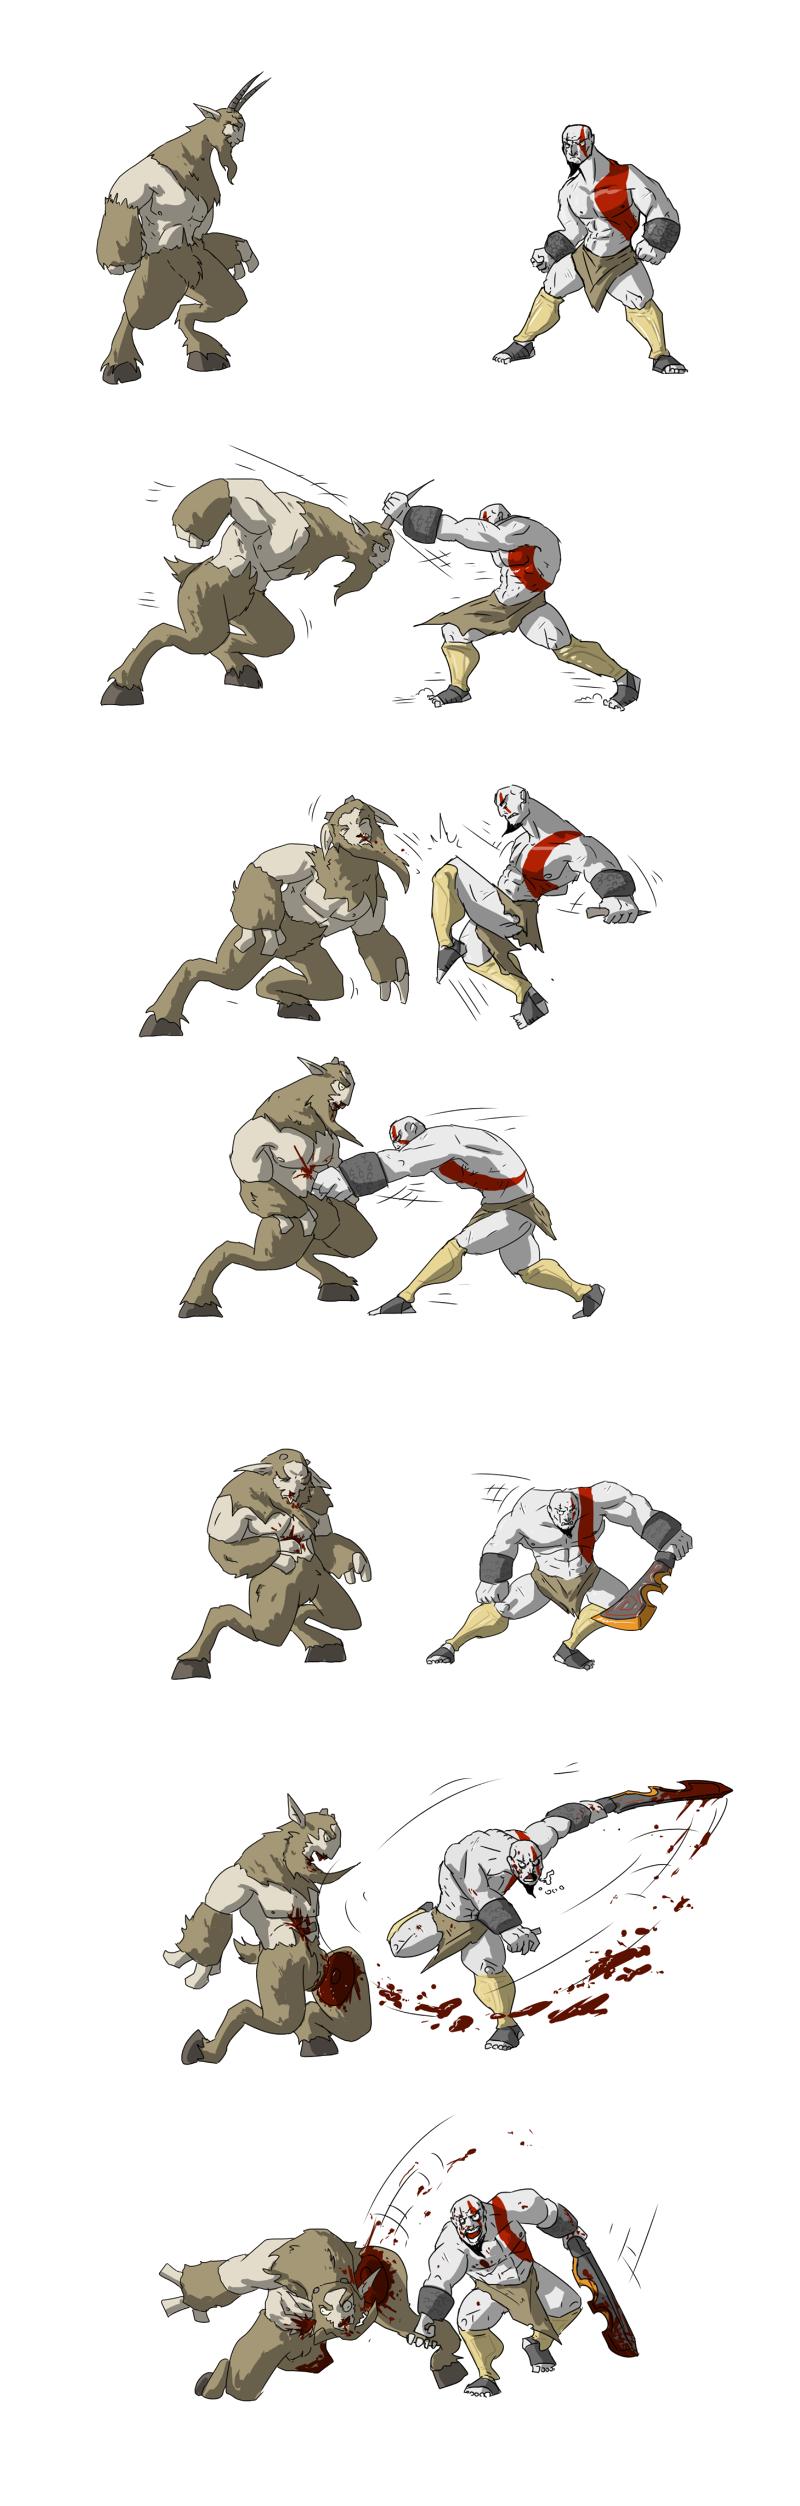 Spartan etiquette